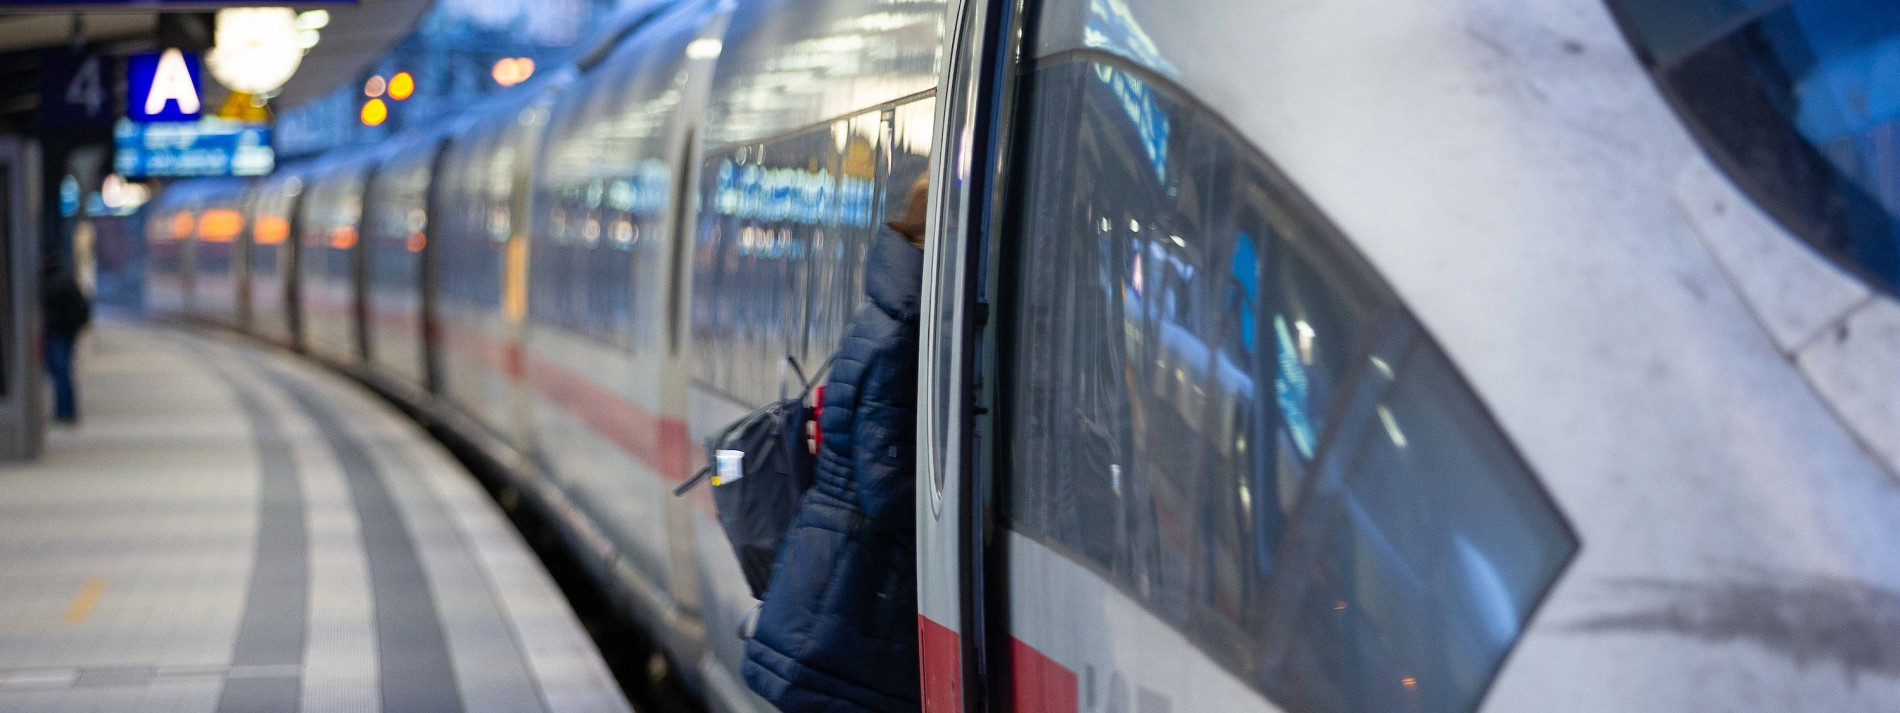 Bahn beendet Ticketkauf im Zug